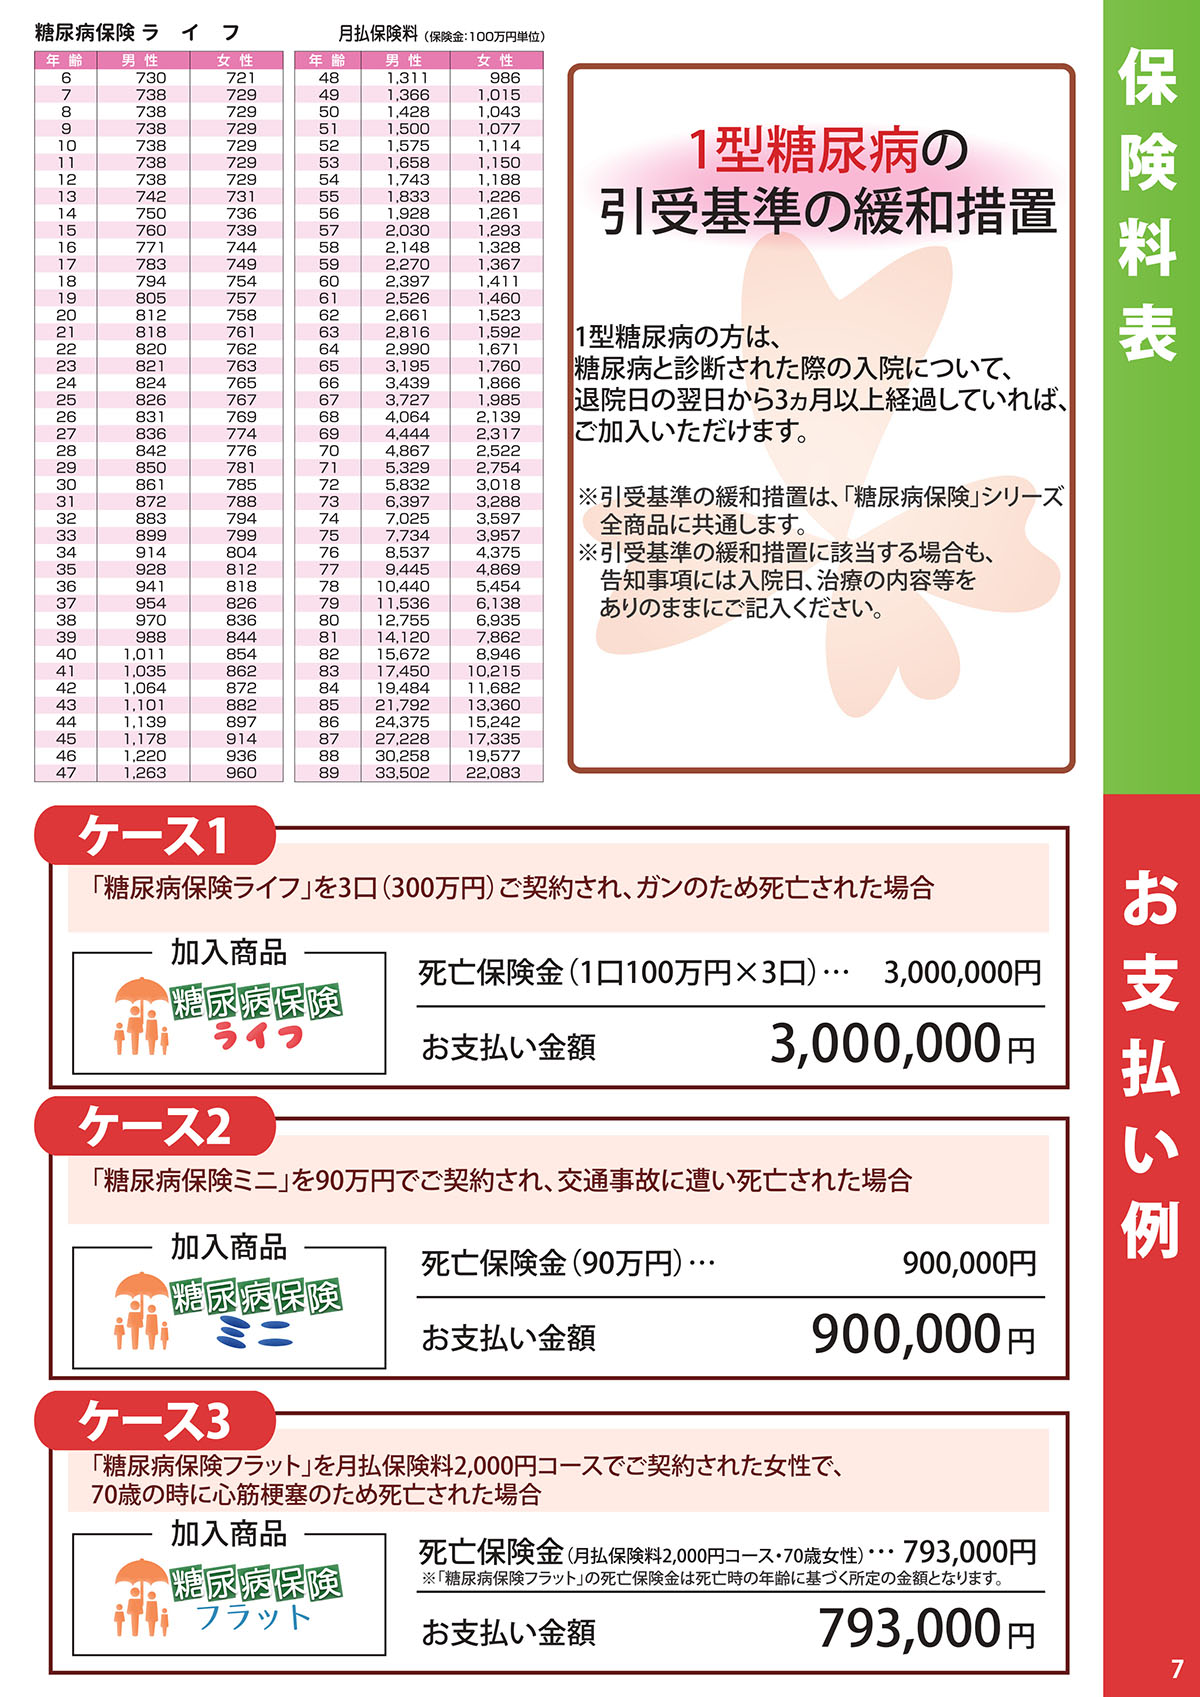 定期保険の保険料表